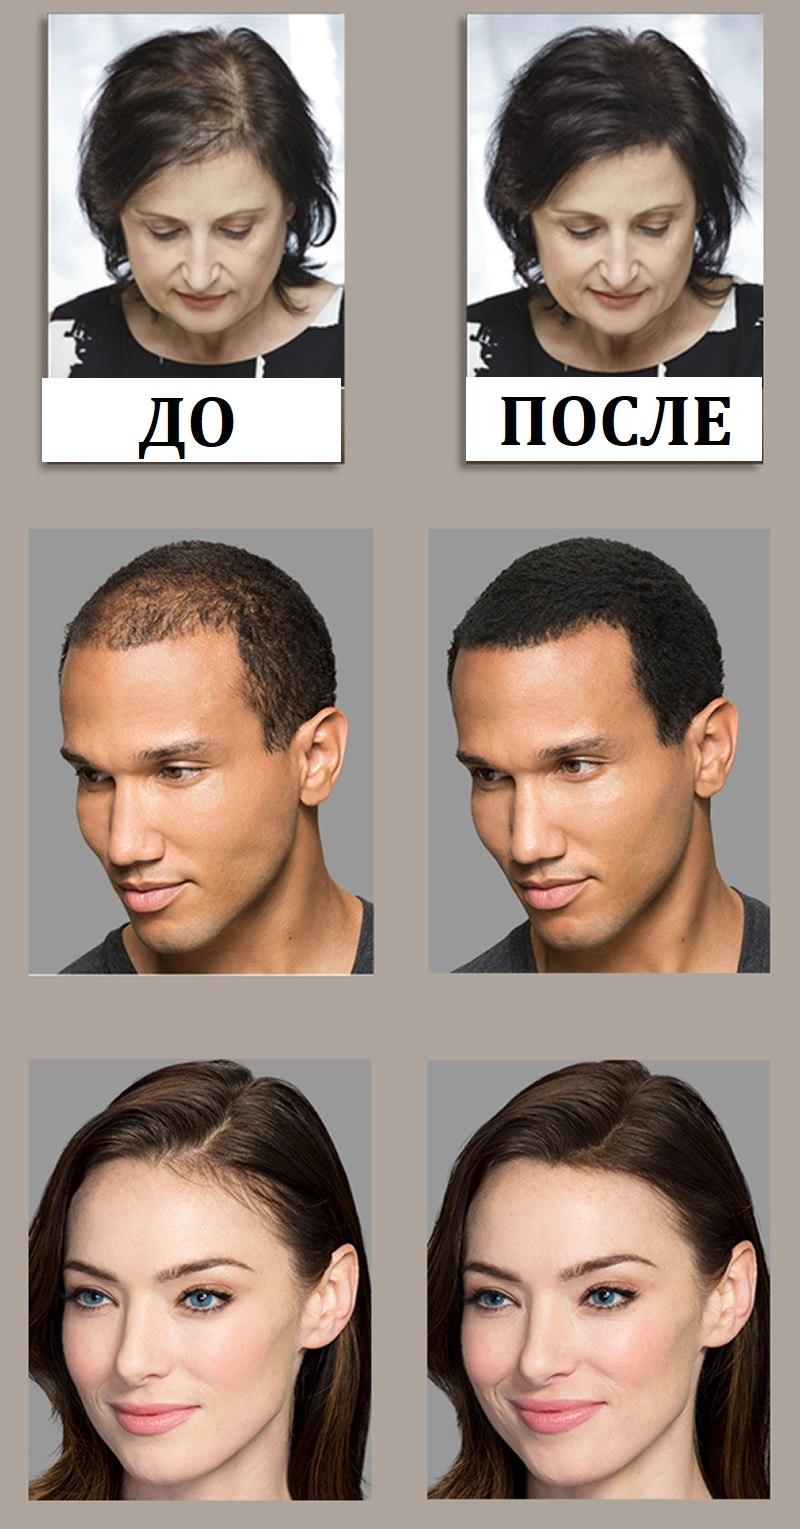 Загуститель волос Toppik фото до и после использования